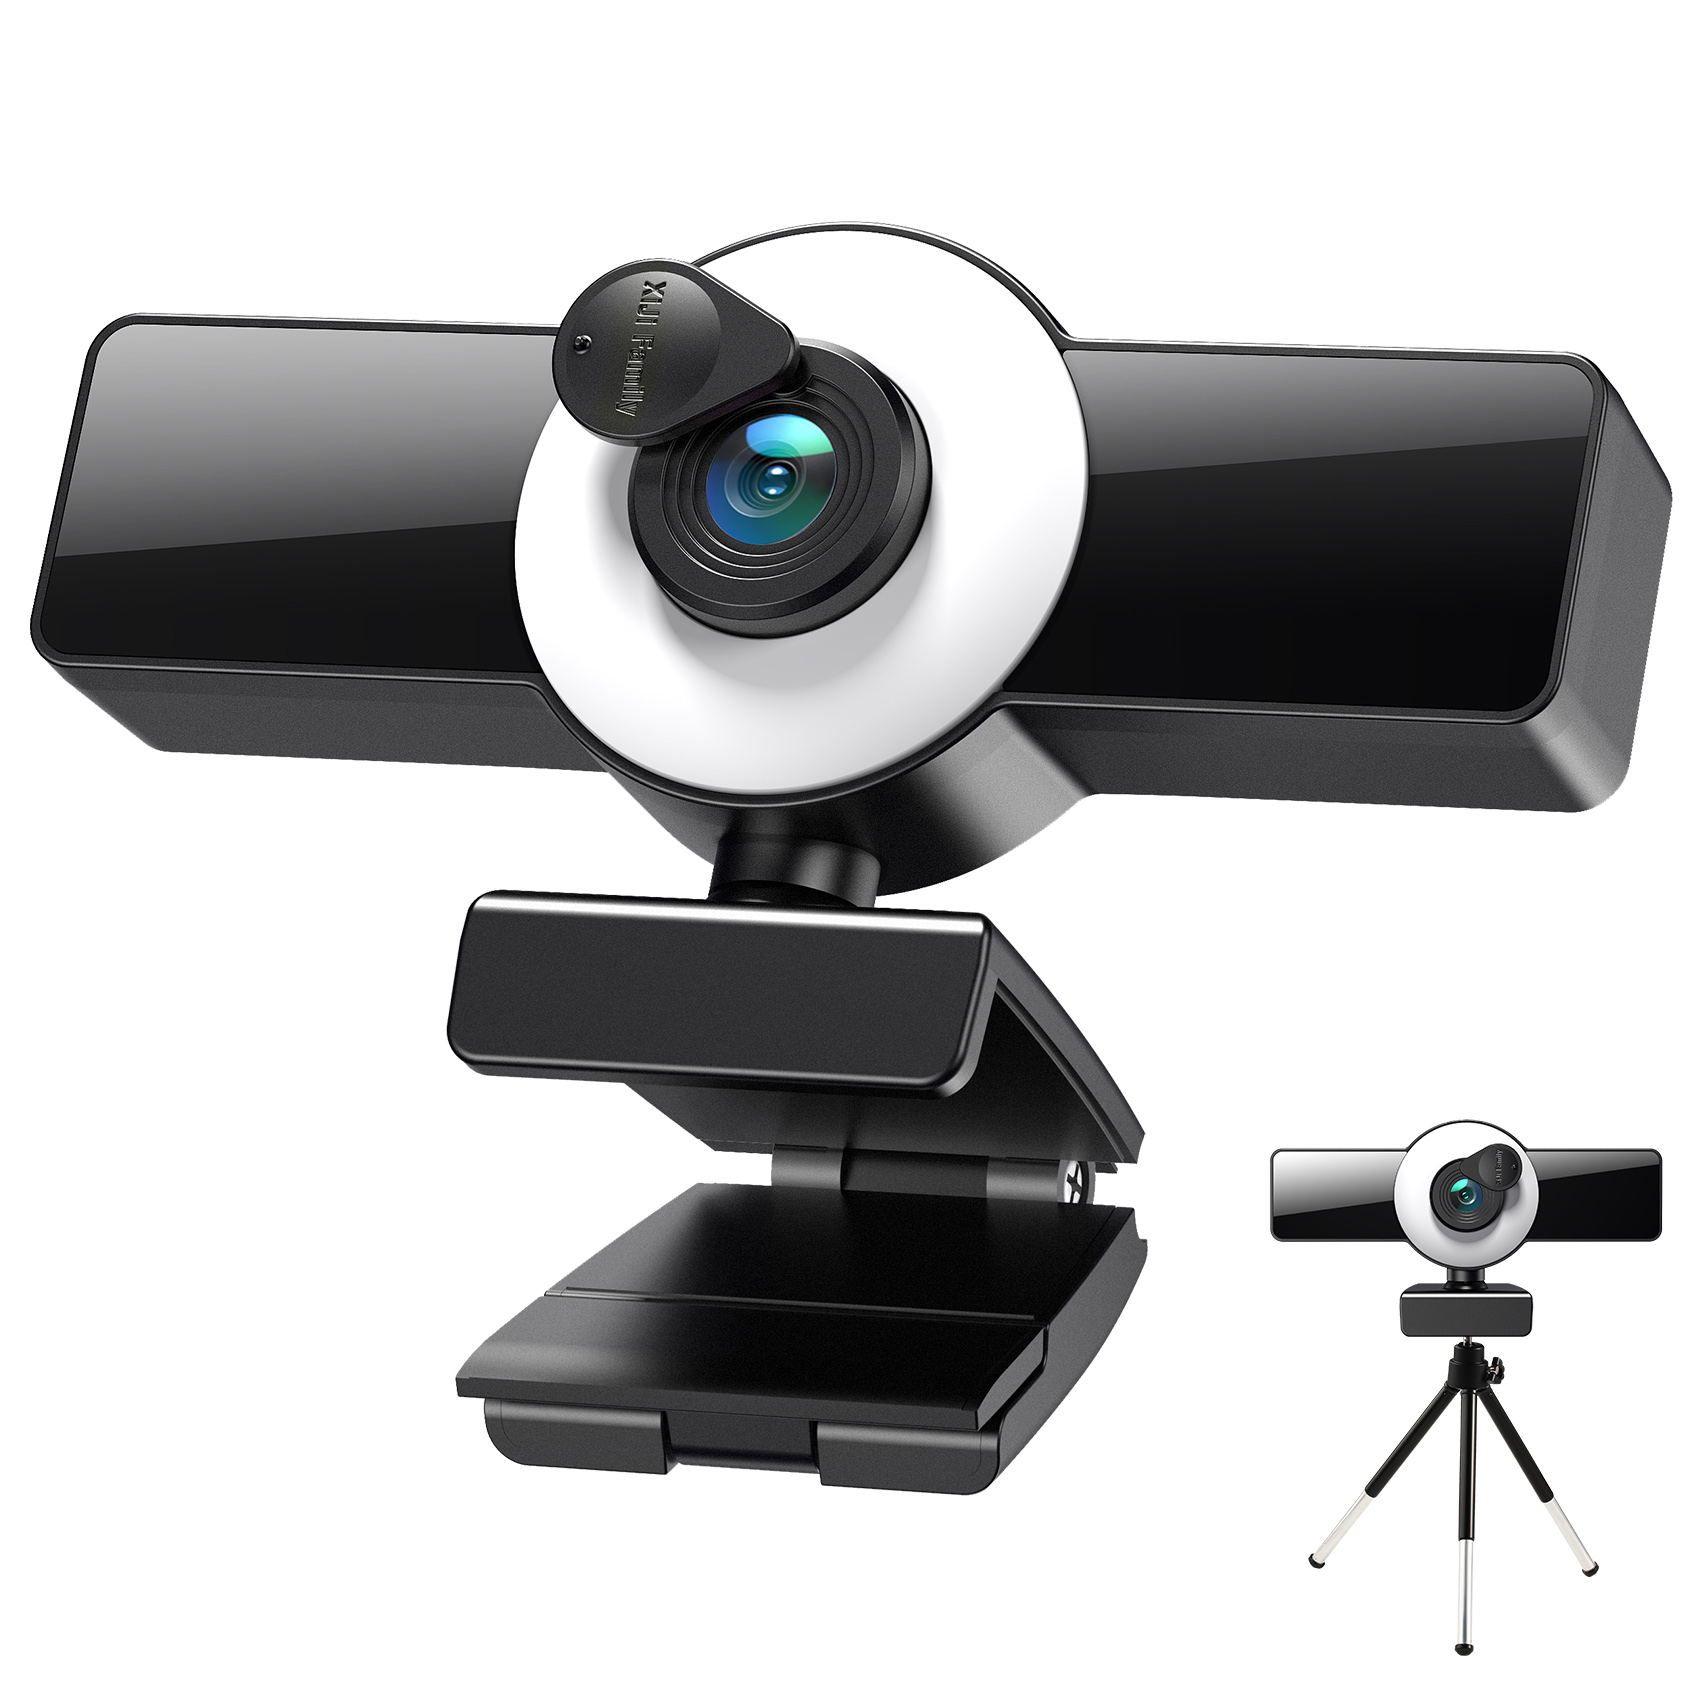 Веб-камера 8K 4K 2K 1K Autofocus Web Cameras с микрофоном Светодиодный заливной светильник мини-камера для компьютерной конференции компьютера Mac YouTube Live 8809